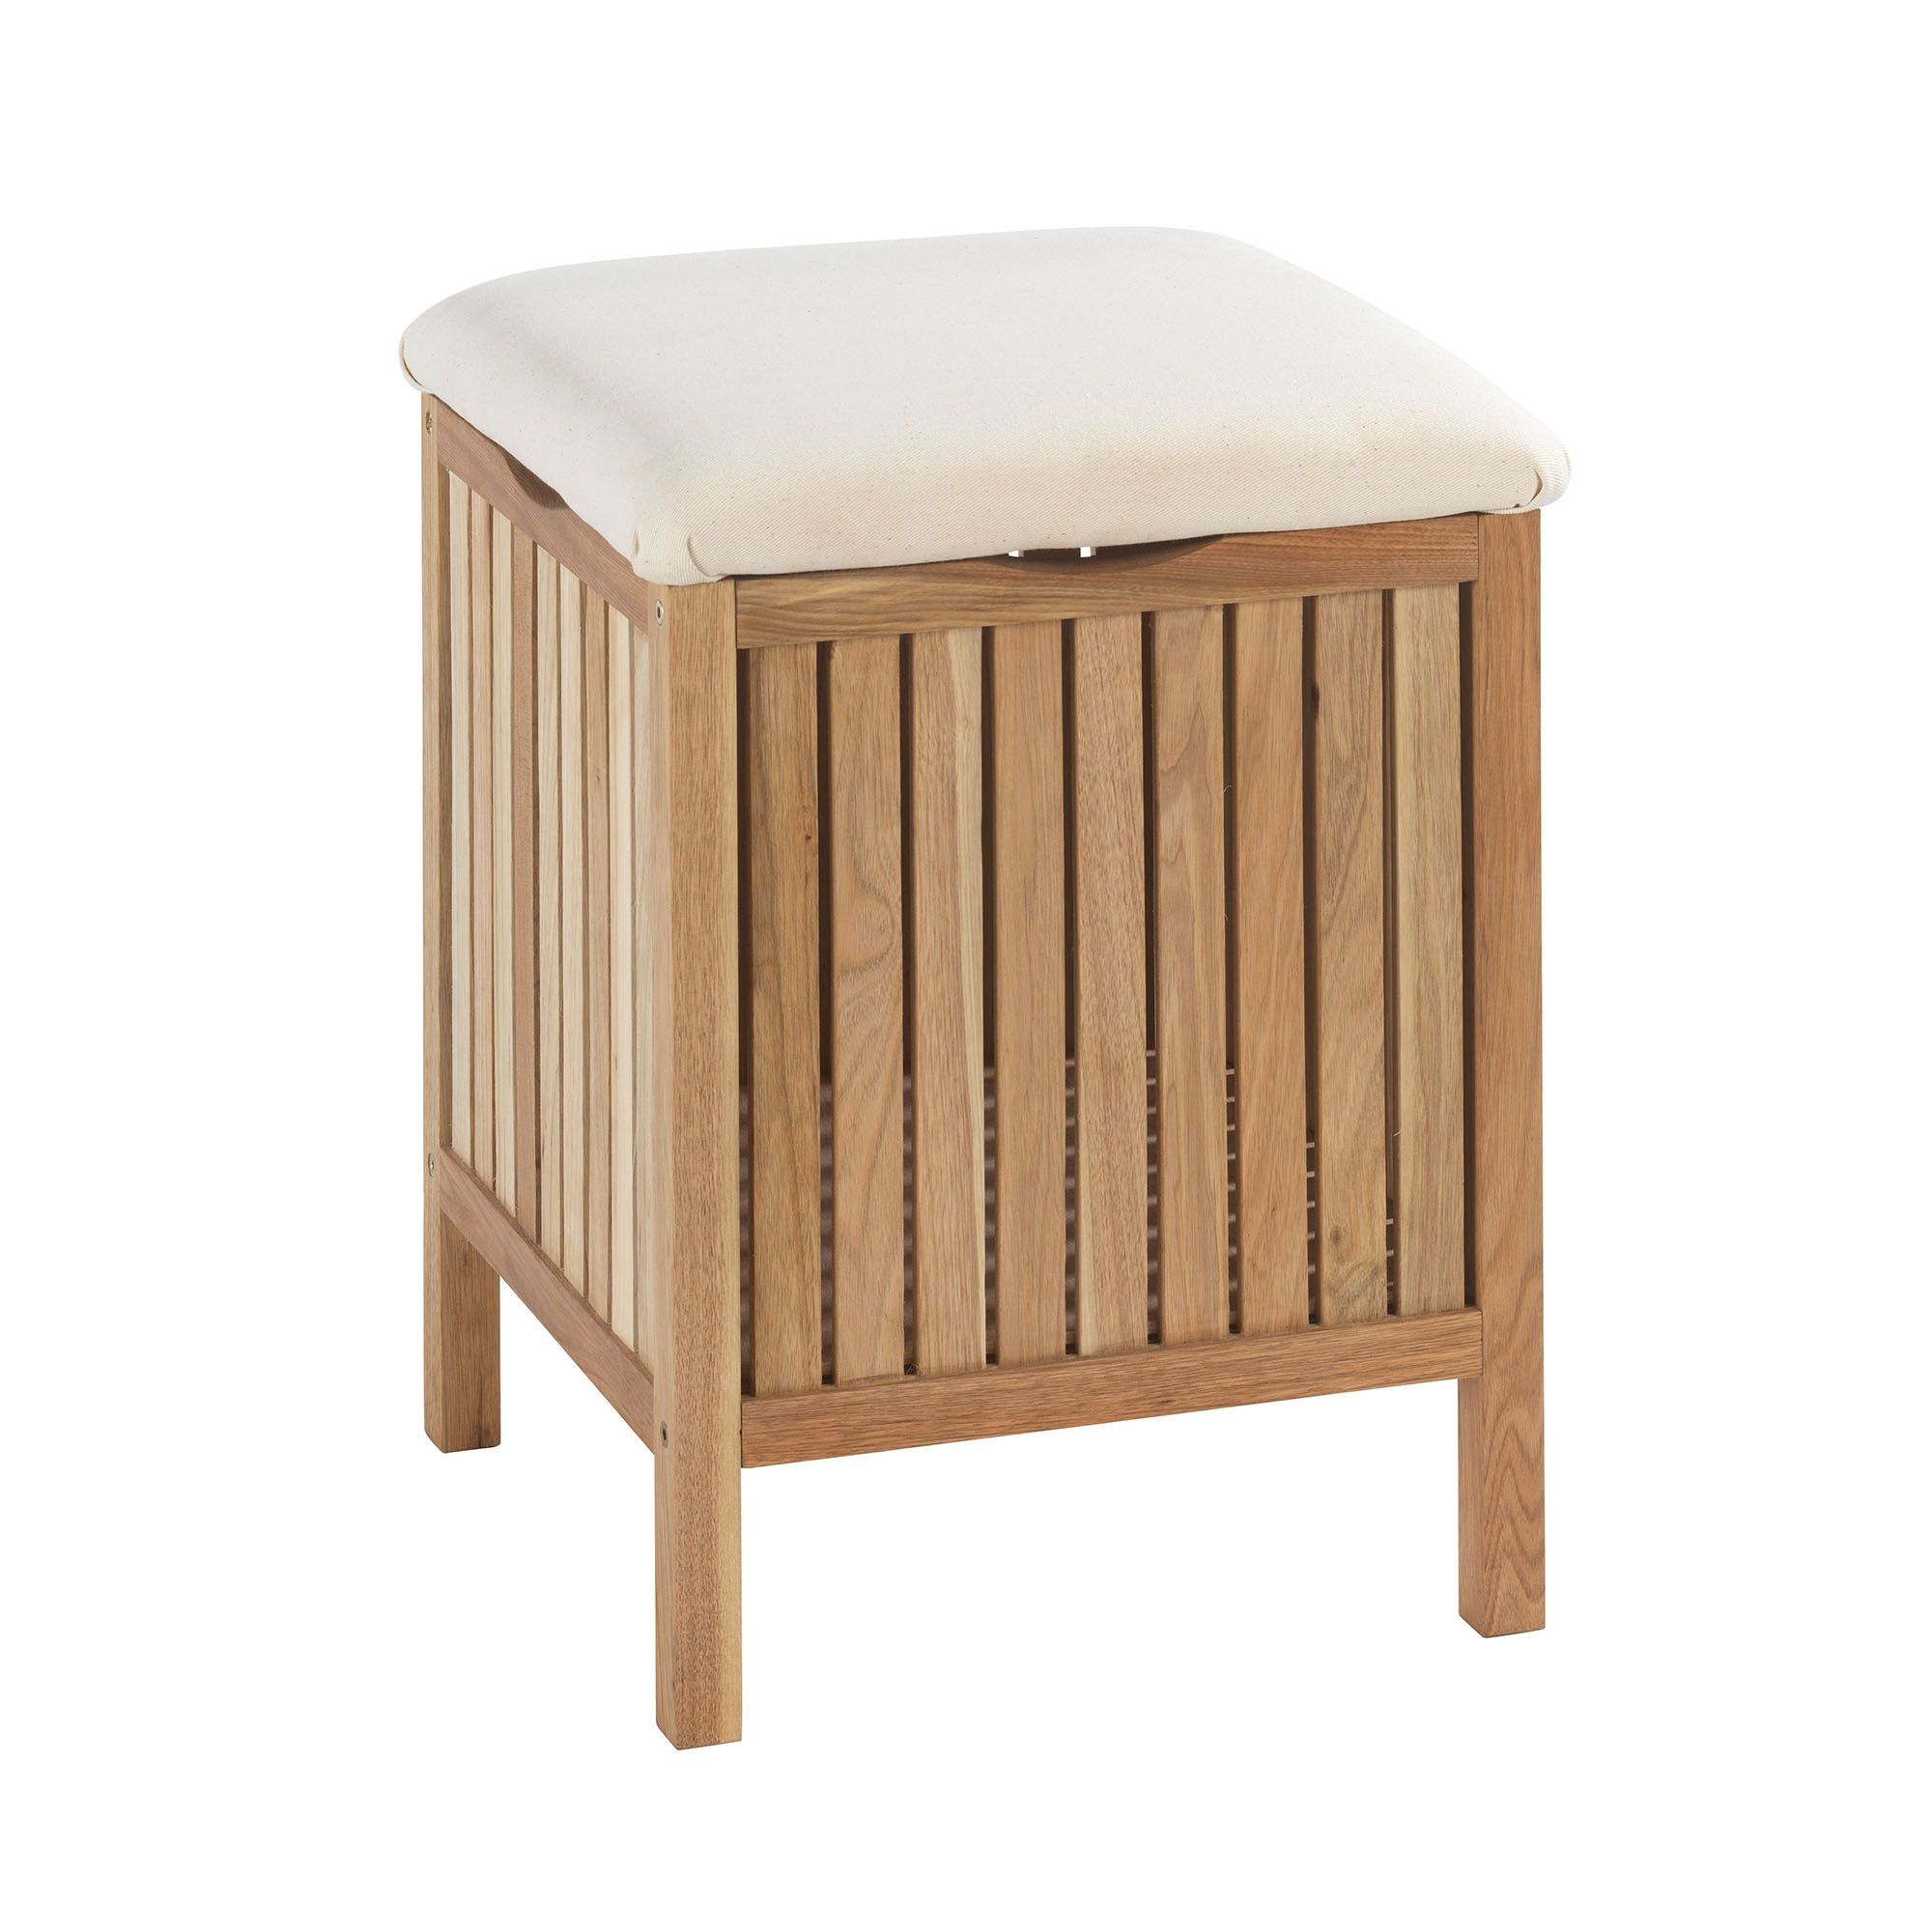 tabouret coffre bois woody bain les tag res et armoirettes de salle de bains les meubles. Black Bedroom Furniture Sets. Home Design Ideas